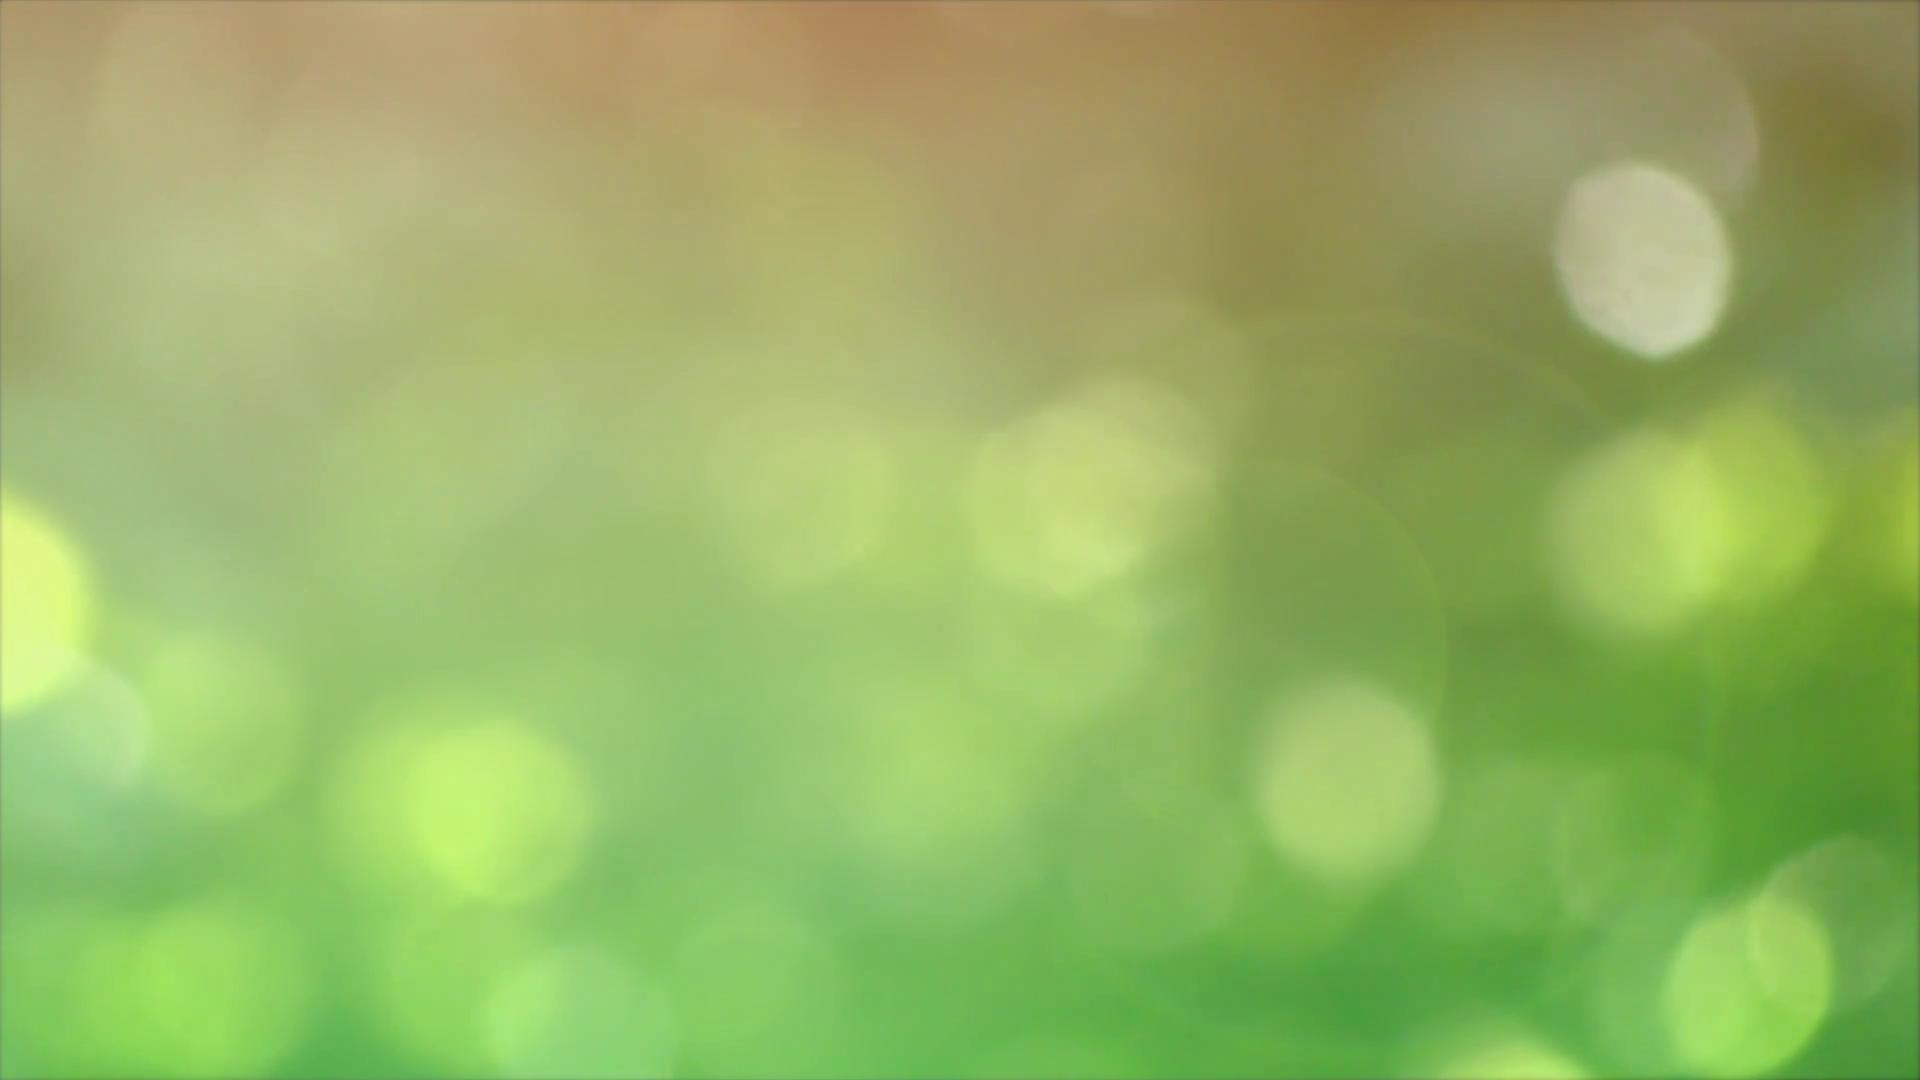 Defocused nature background Stock Video Footage - Videoblocks